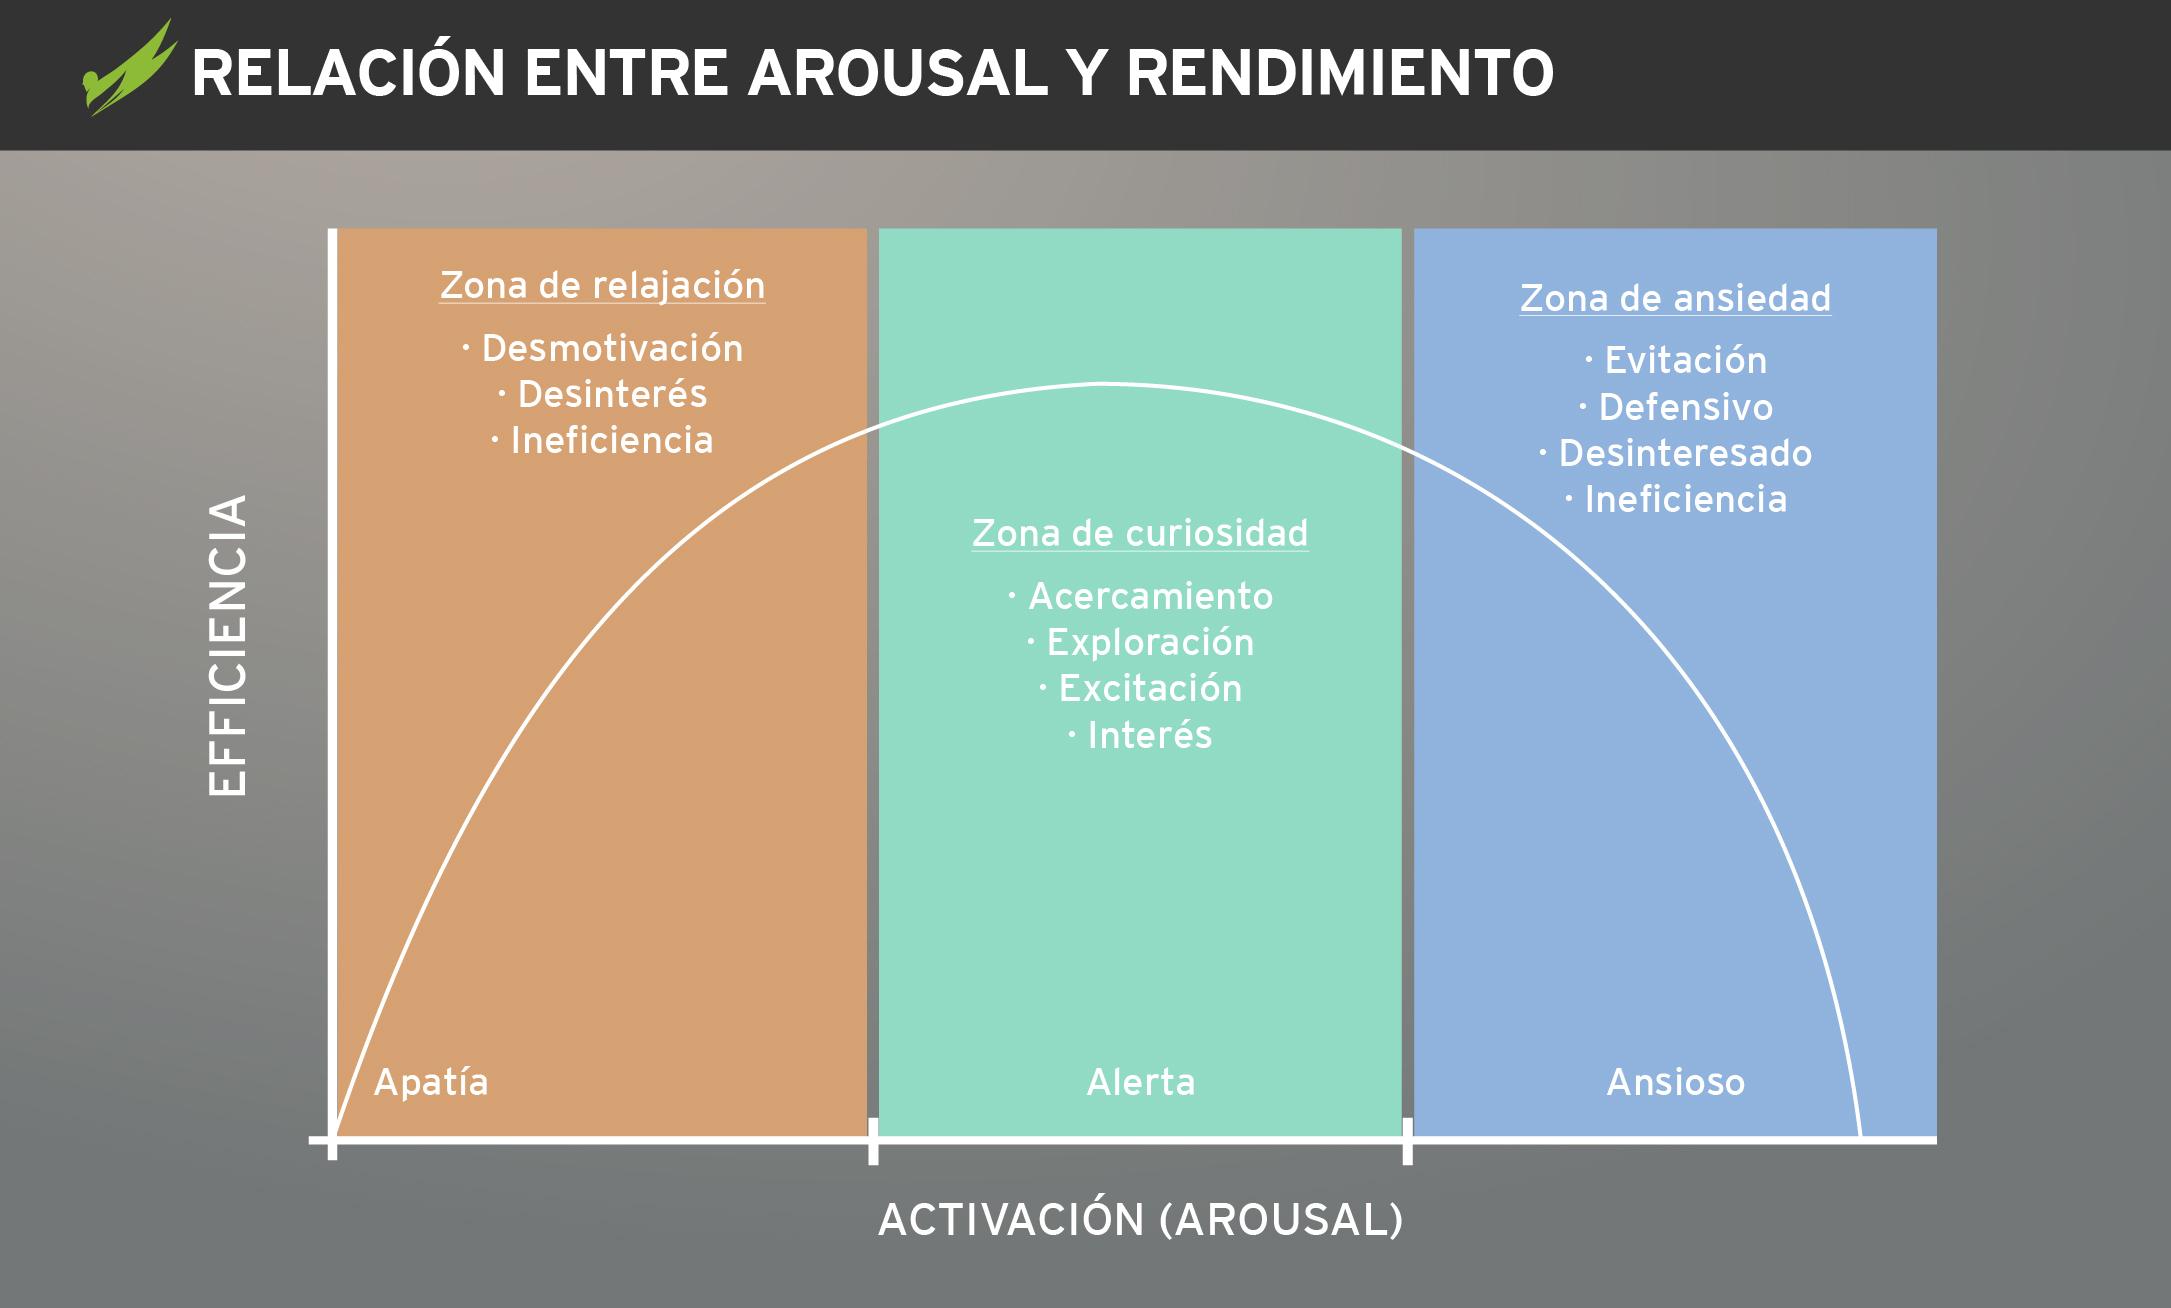 relacion-entre-arousal-y-rendimiento